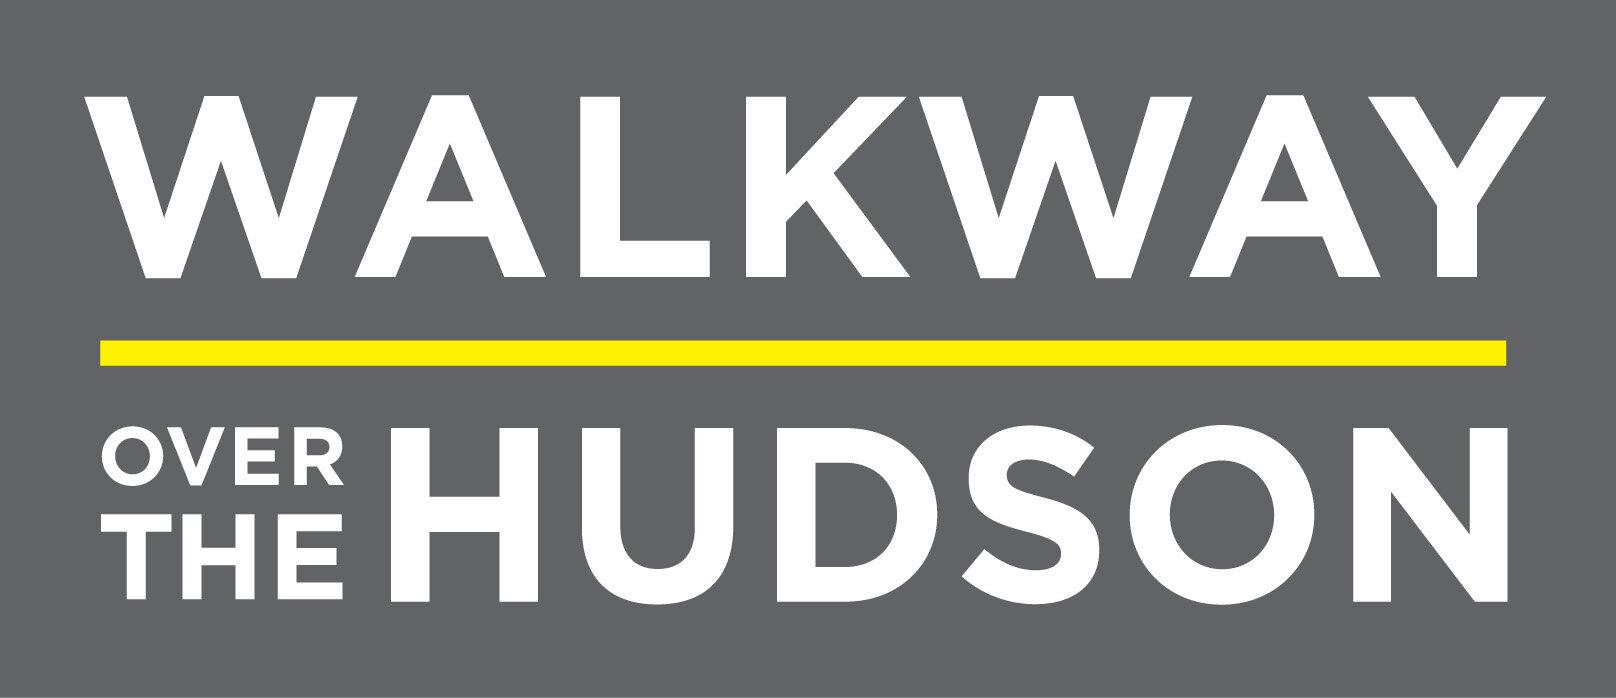 Walkway-Type-StackedYellow.jpg